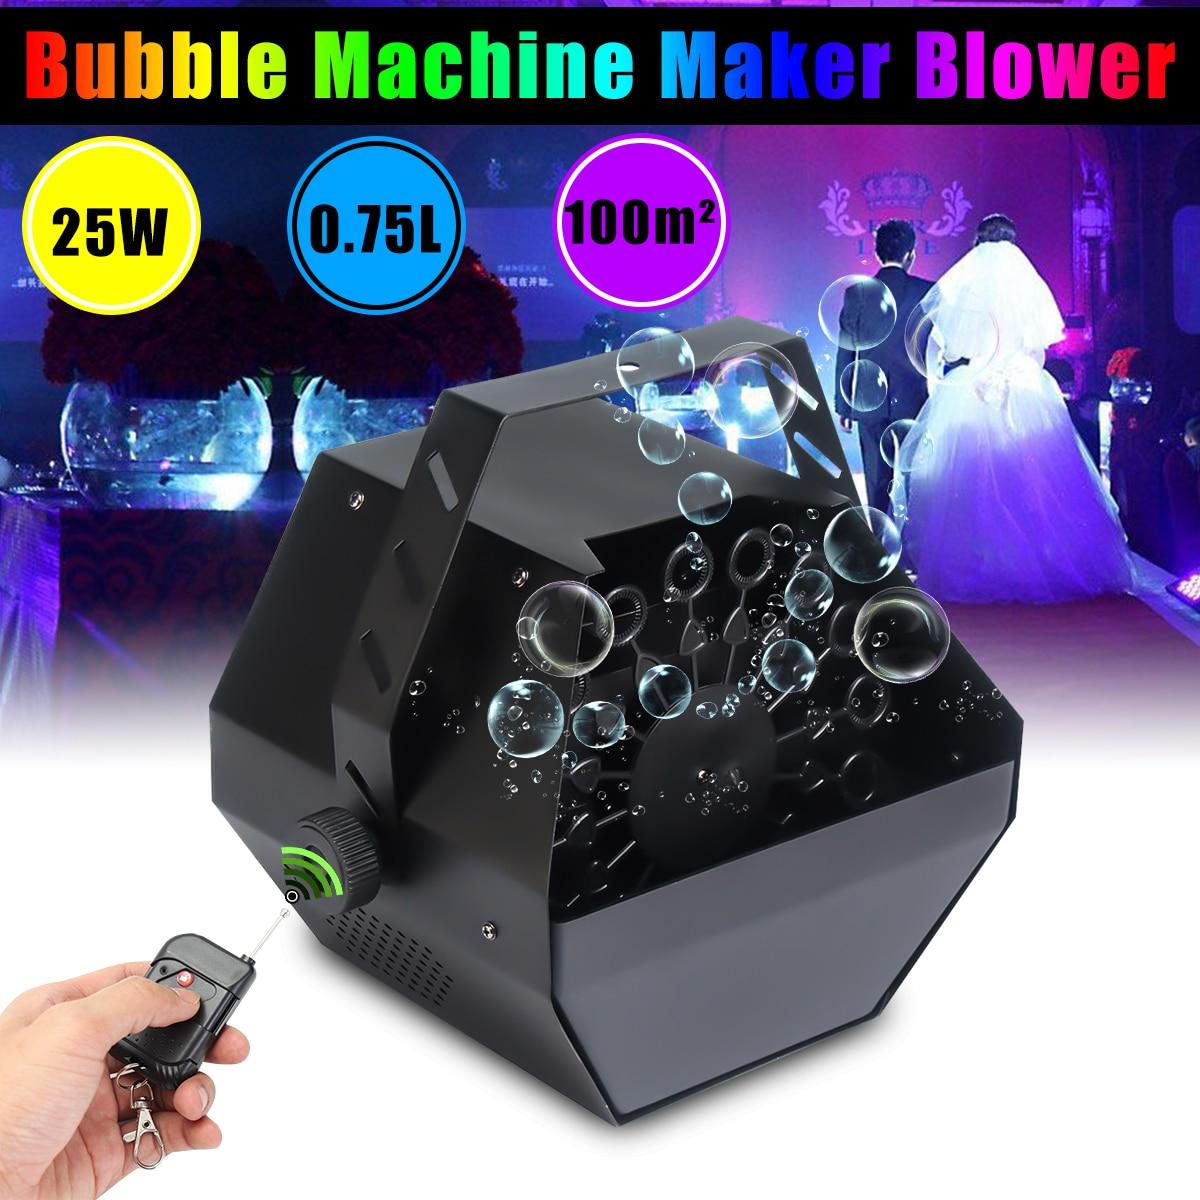 220-240 В Автоматическая мыльных пузырей Maker вентилятор Электрический пузырь, кофейное оборудование мини Беспроводной удаленного Управление ...